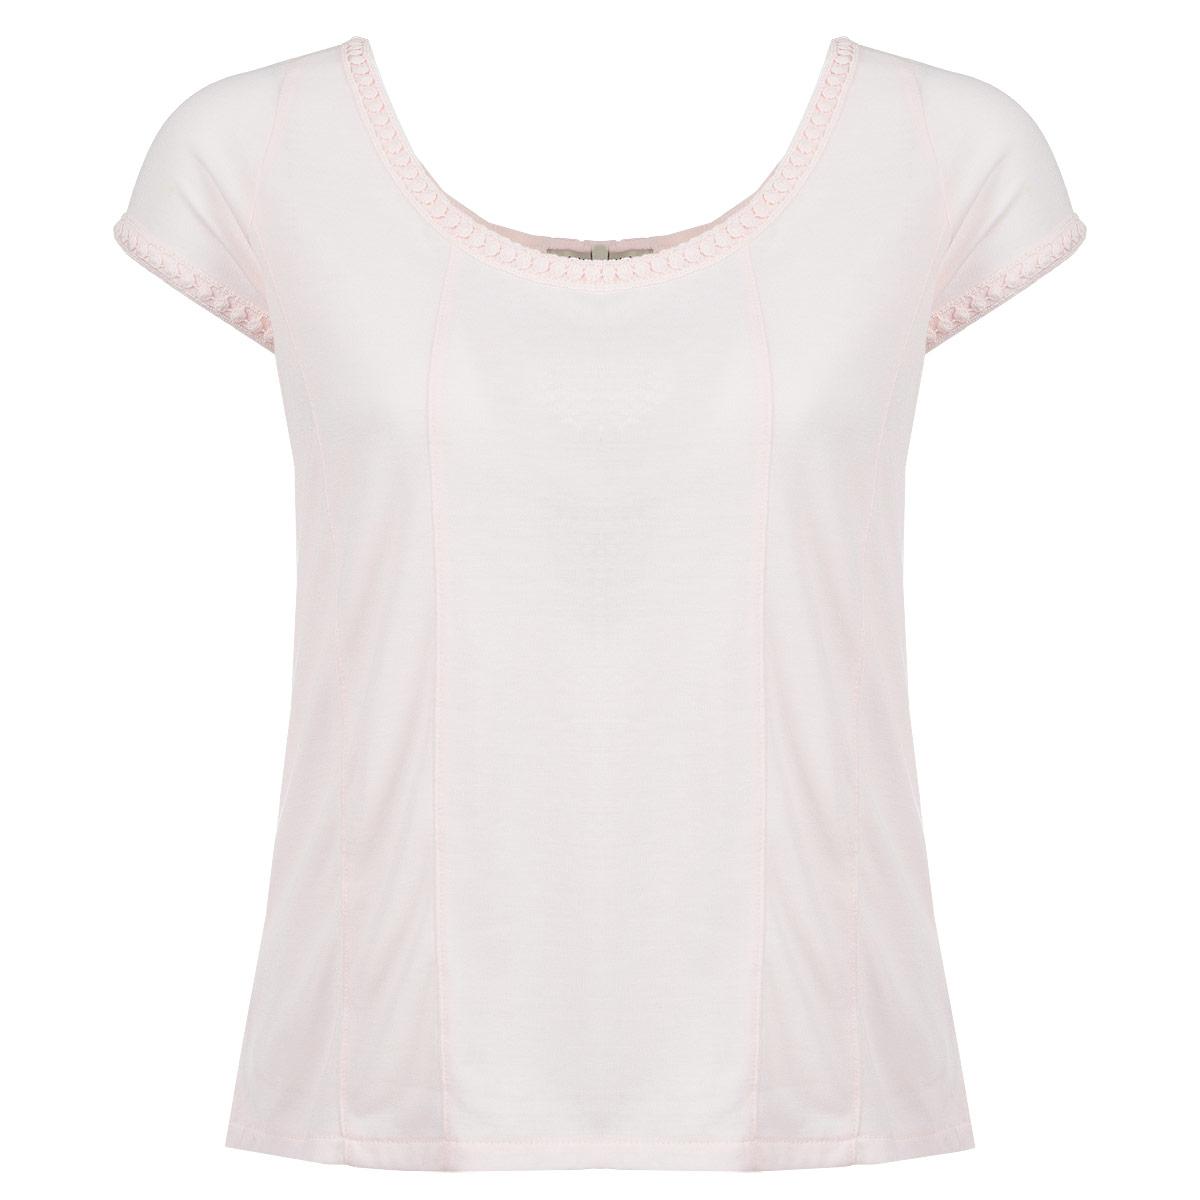 Футболка10150173 306-powder tanСтильная женская футболка Broadway, выполненная из высококачественного полиэстера с добавлением вискозы, обладает высокой теплопроводностью и позволяет коже дышать. Модель с короткими рукавами и широким круглым вырезом горловины - идеальный вариант для создания элегантного образа. Футболка оформлена широкой кружевной вставкой на спинке и украшена декоративной оторочкой по горловине и пройме рукавов. Такая модель будет дарить вам комфорт в течение всего дня и послужит замечательным дополнением к вашему гардеробу.